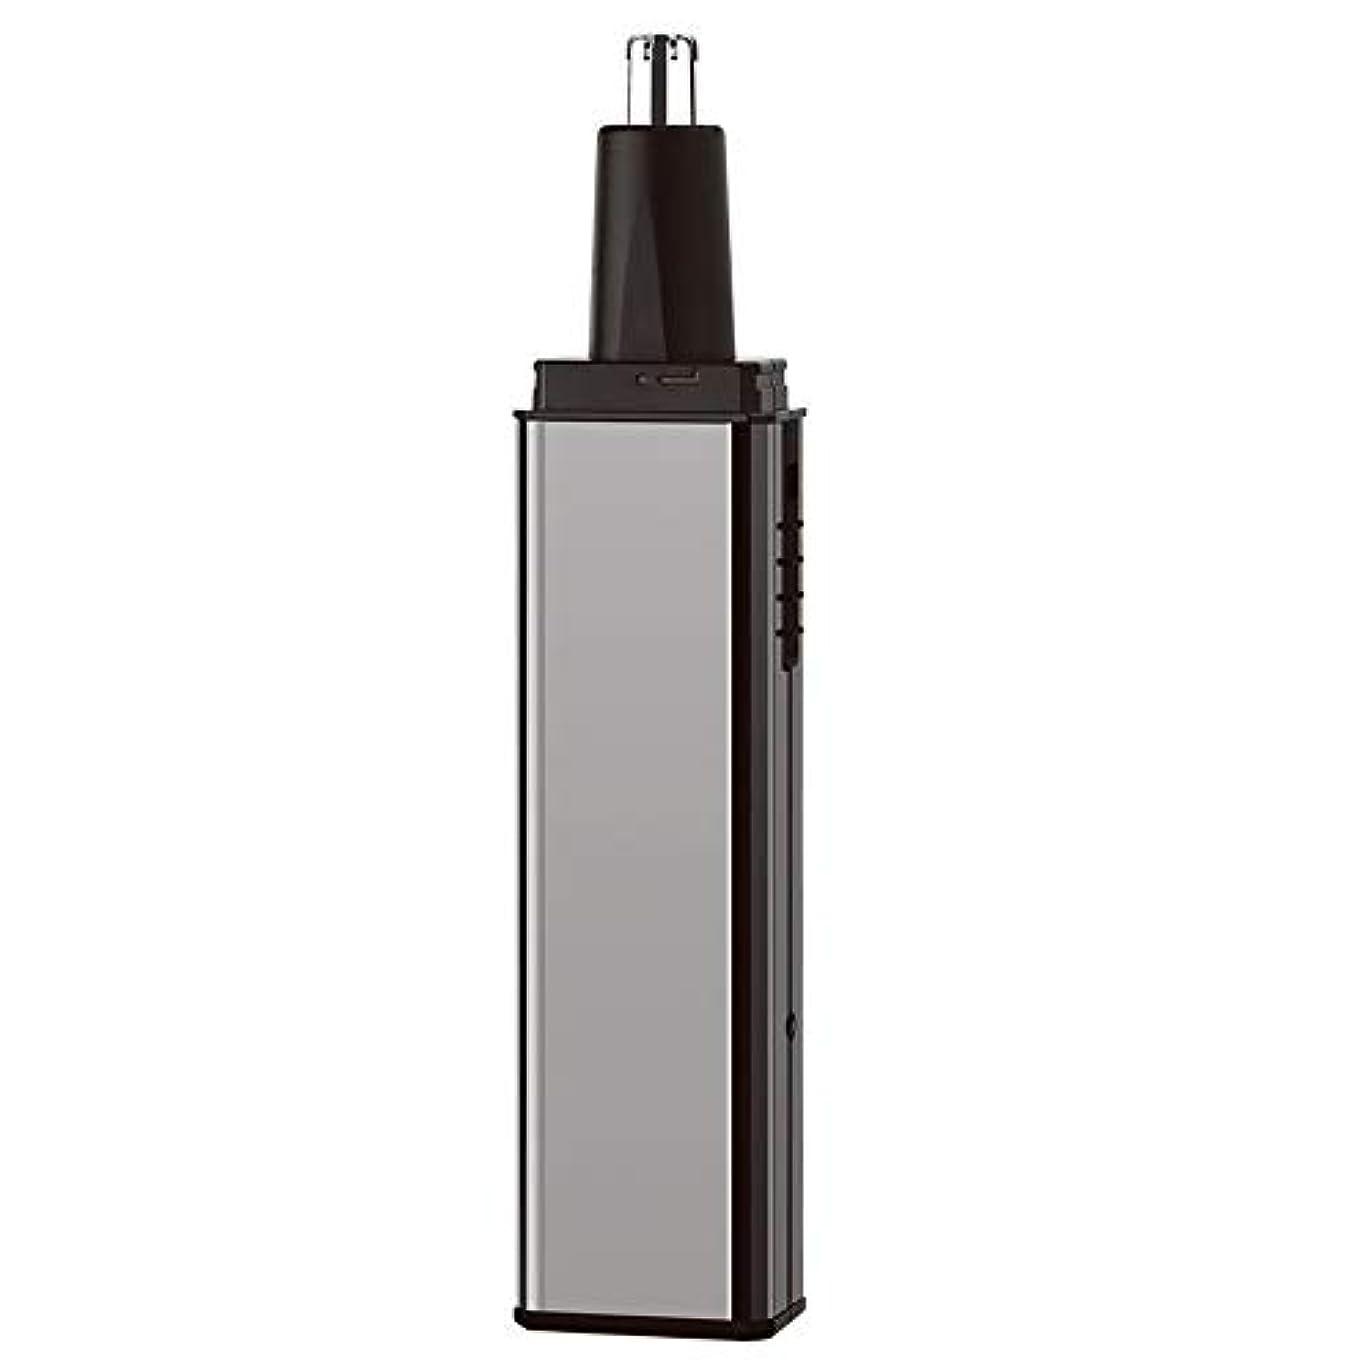 文真向こう沿って鼻毛トリマー-多機能スーツフォーインワン/電気鼻毛トリマー/ステンレススチール/多機能/ 13.5 * 2.7cm 使いやすい